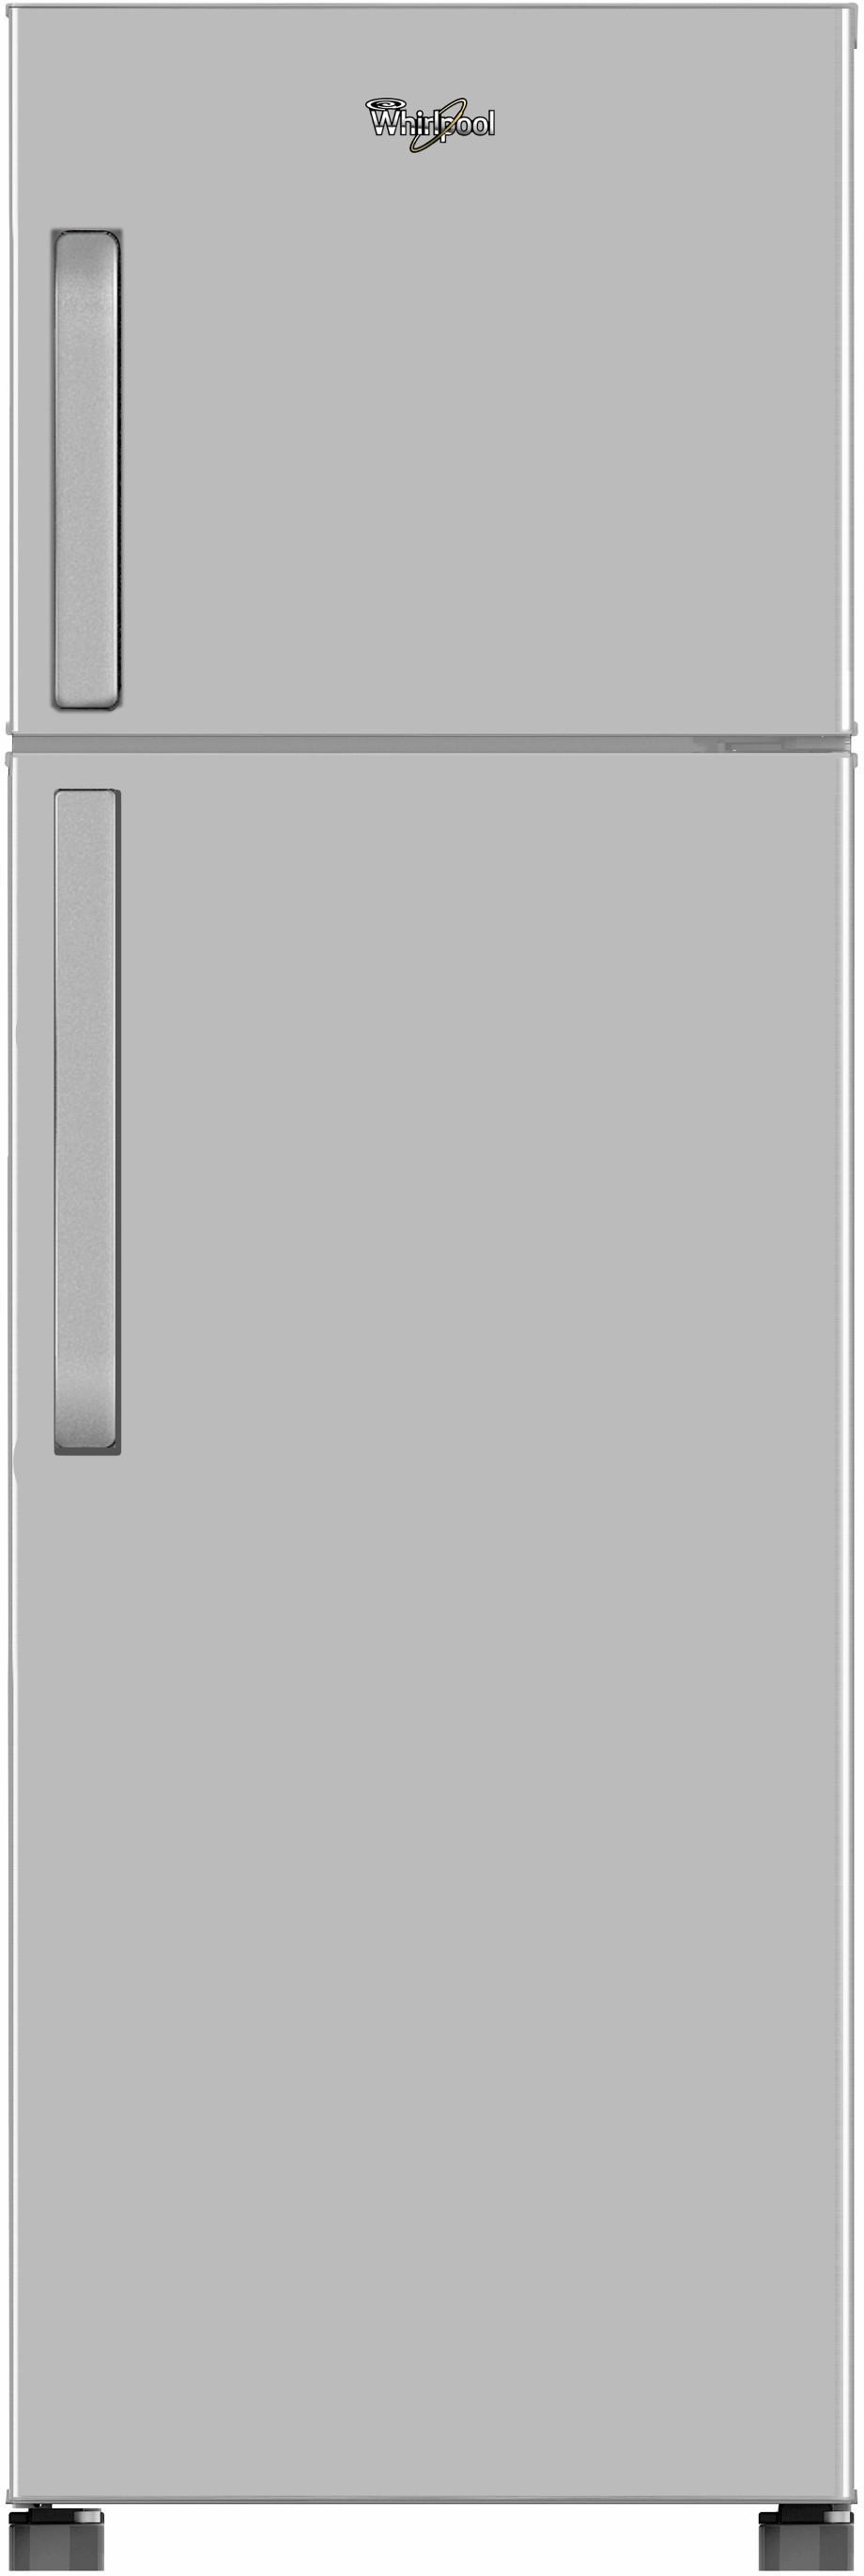 Deals - Delhi - Under Rs.18,990 <br> Whirlpool Refrigerators<br> Category - home_kitchen<br> Business - Flipkart.com